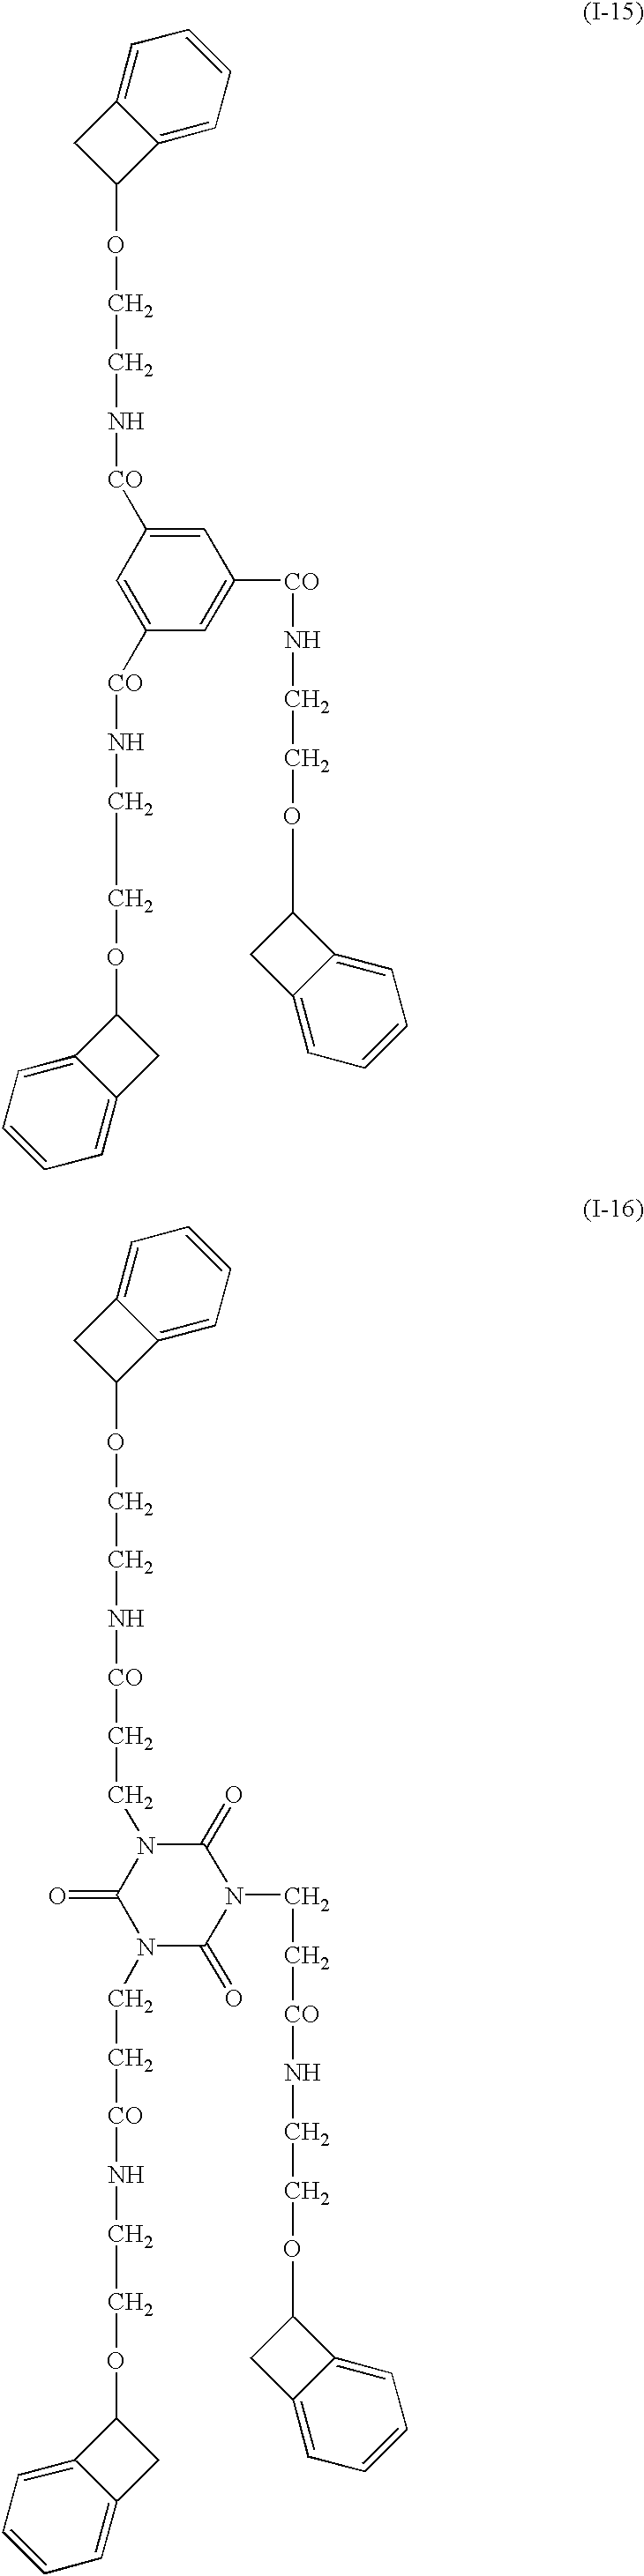 Figure US20030165778A1-20030904-C00013